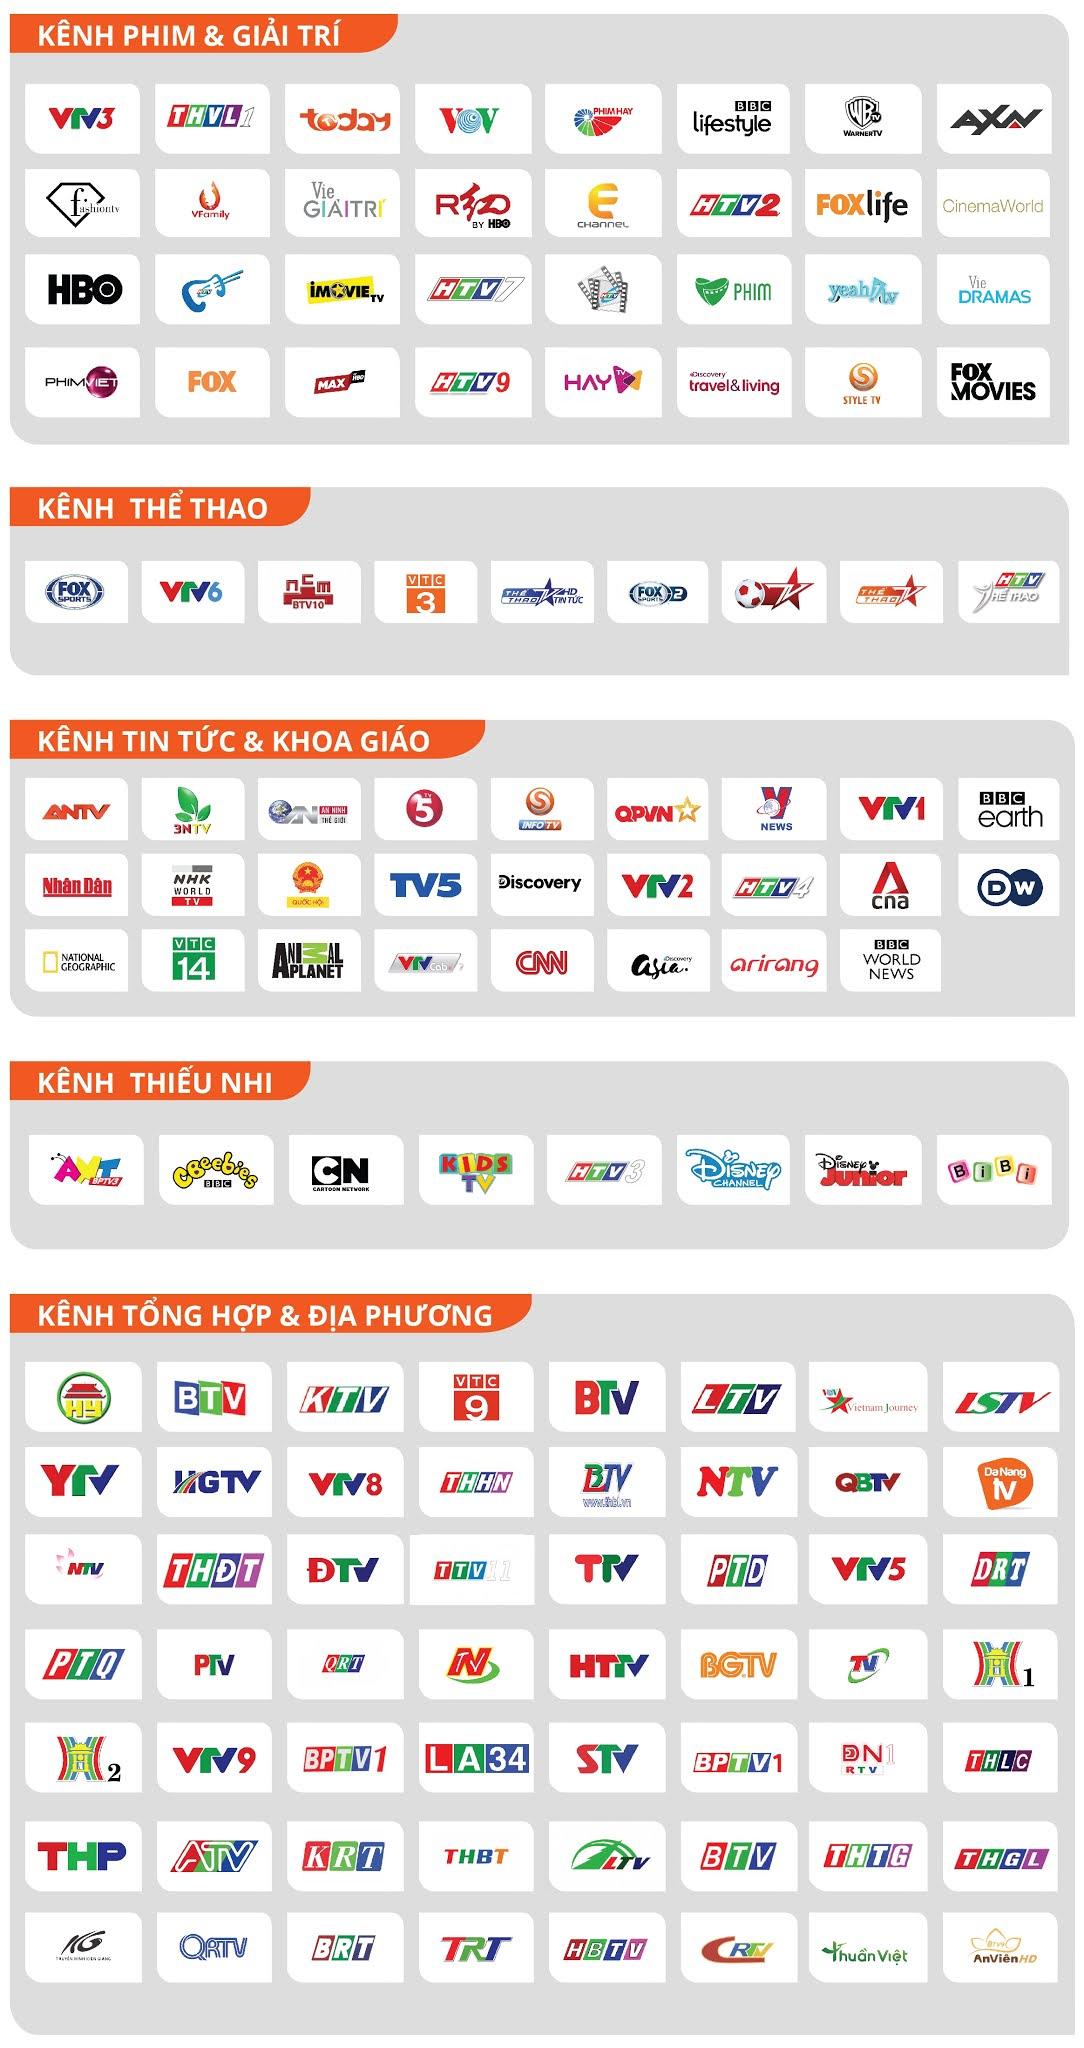 Danh sách kênh Gói cao cấp của Truyền hình AVG